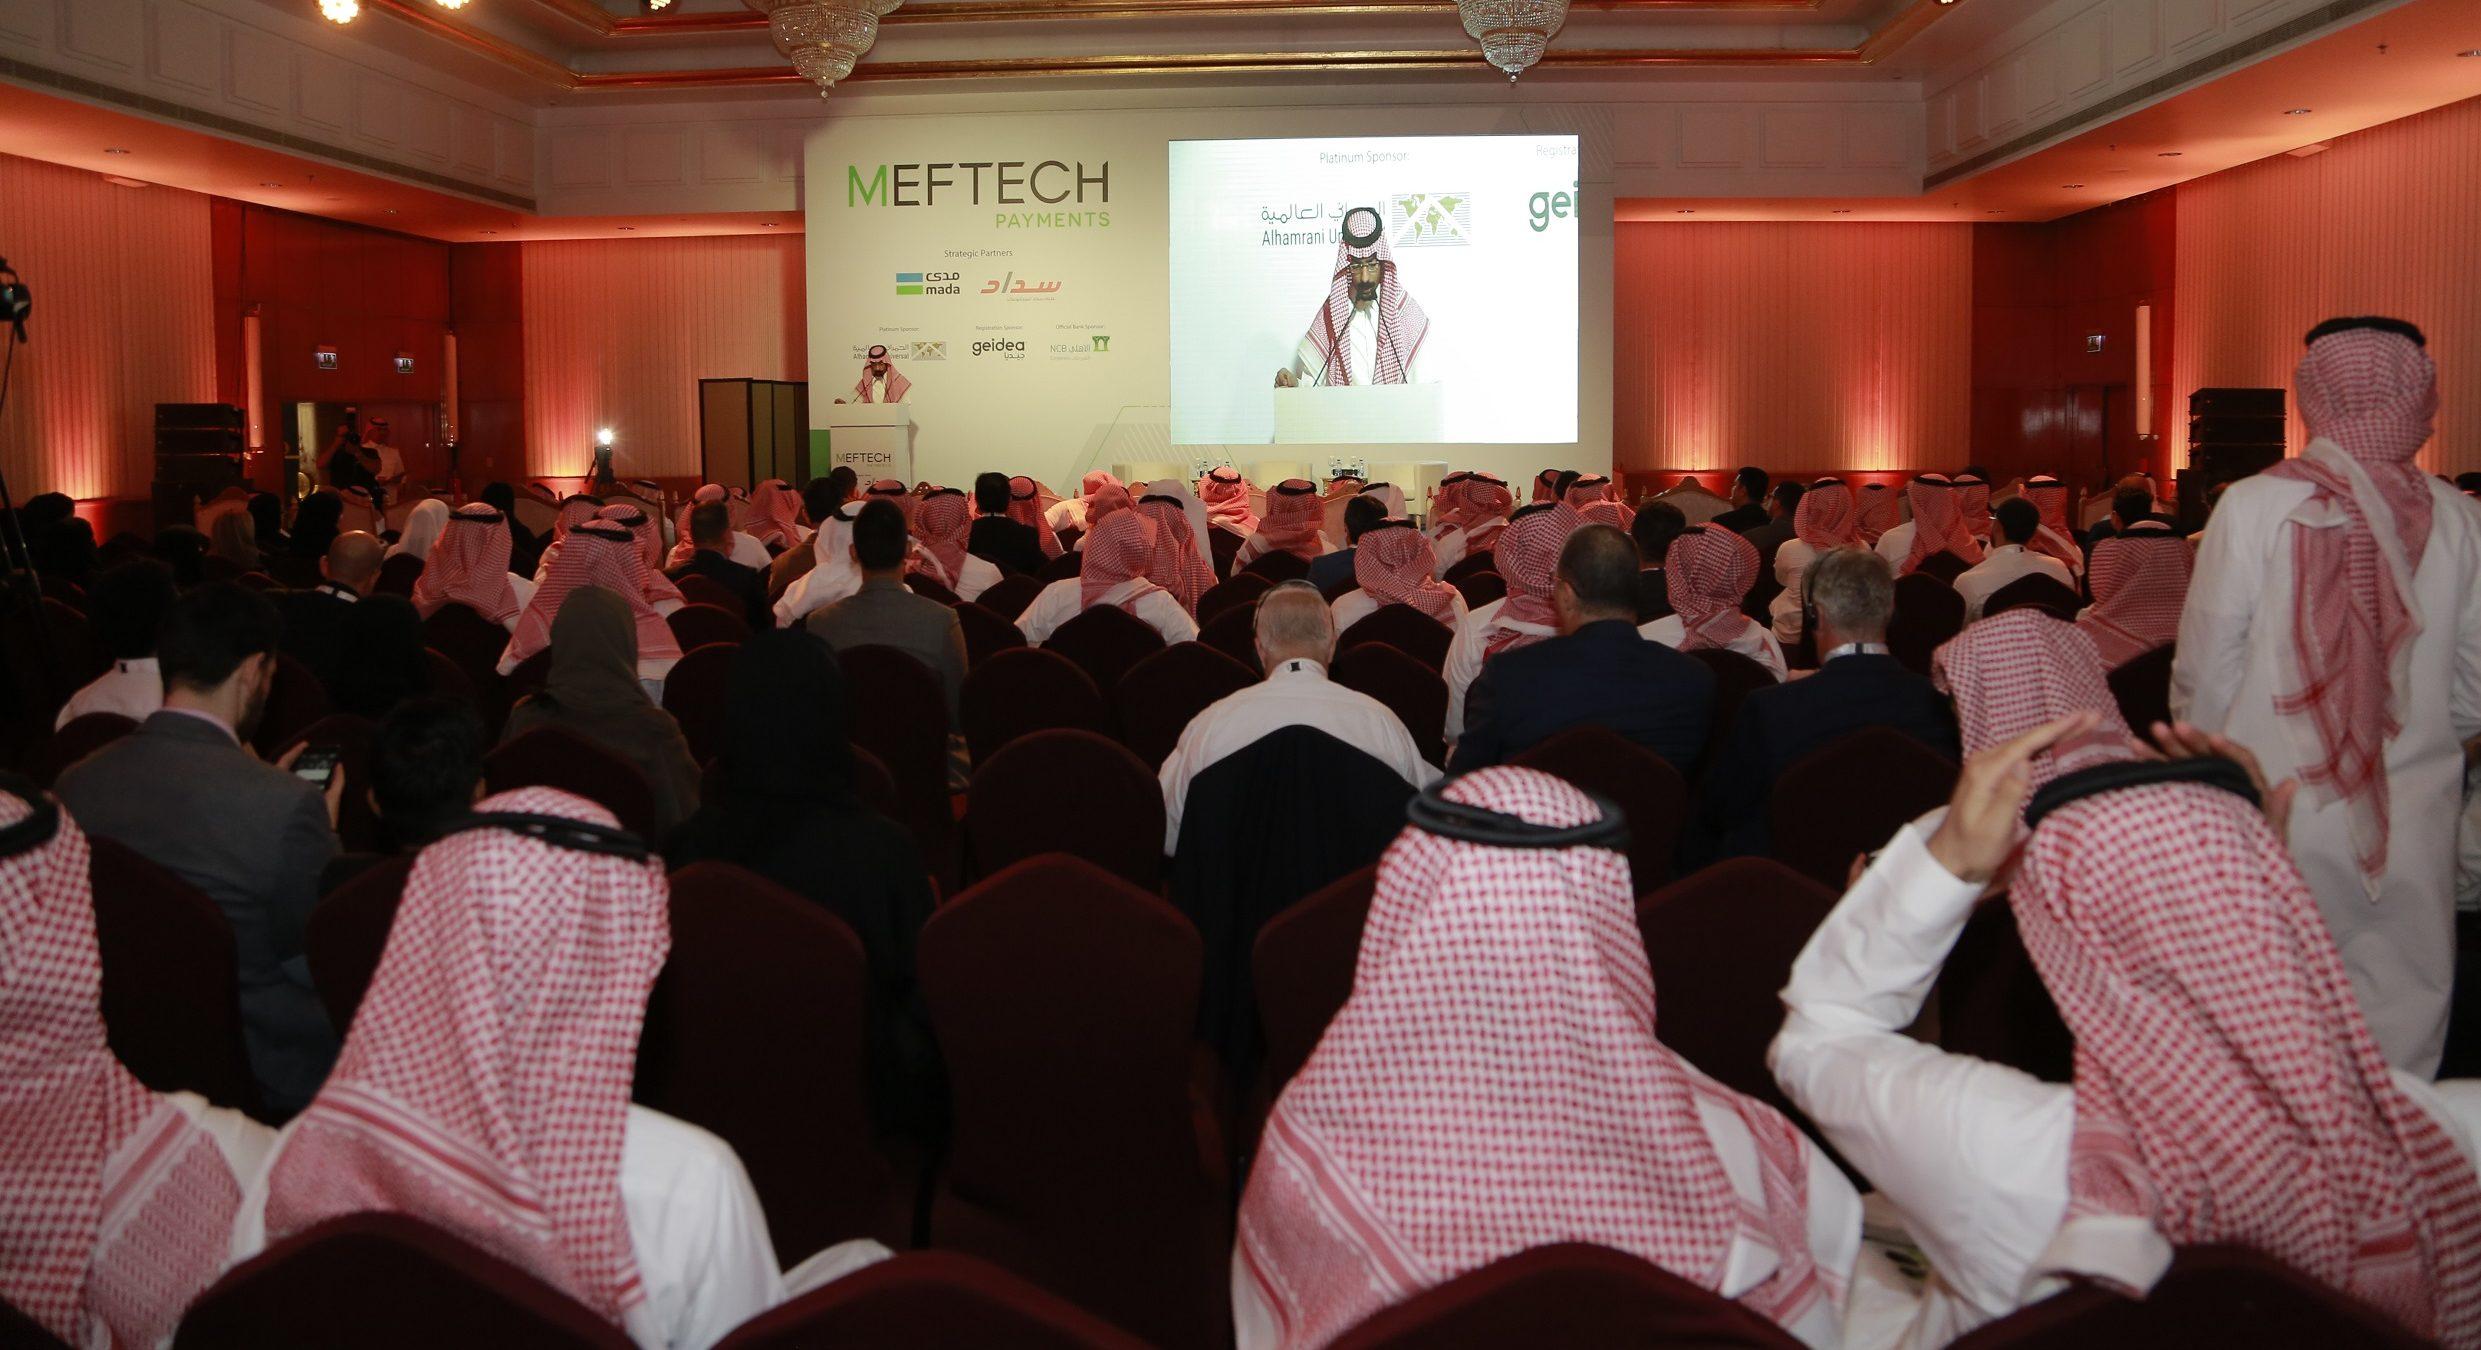 """ميفتيك 2019 في السعودية يطلق جوائز """"ميفتيك للابتكار"""" ويخصص جناح للشركات الناشئة"""